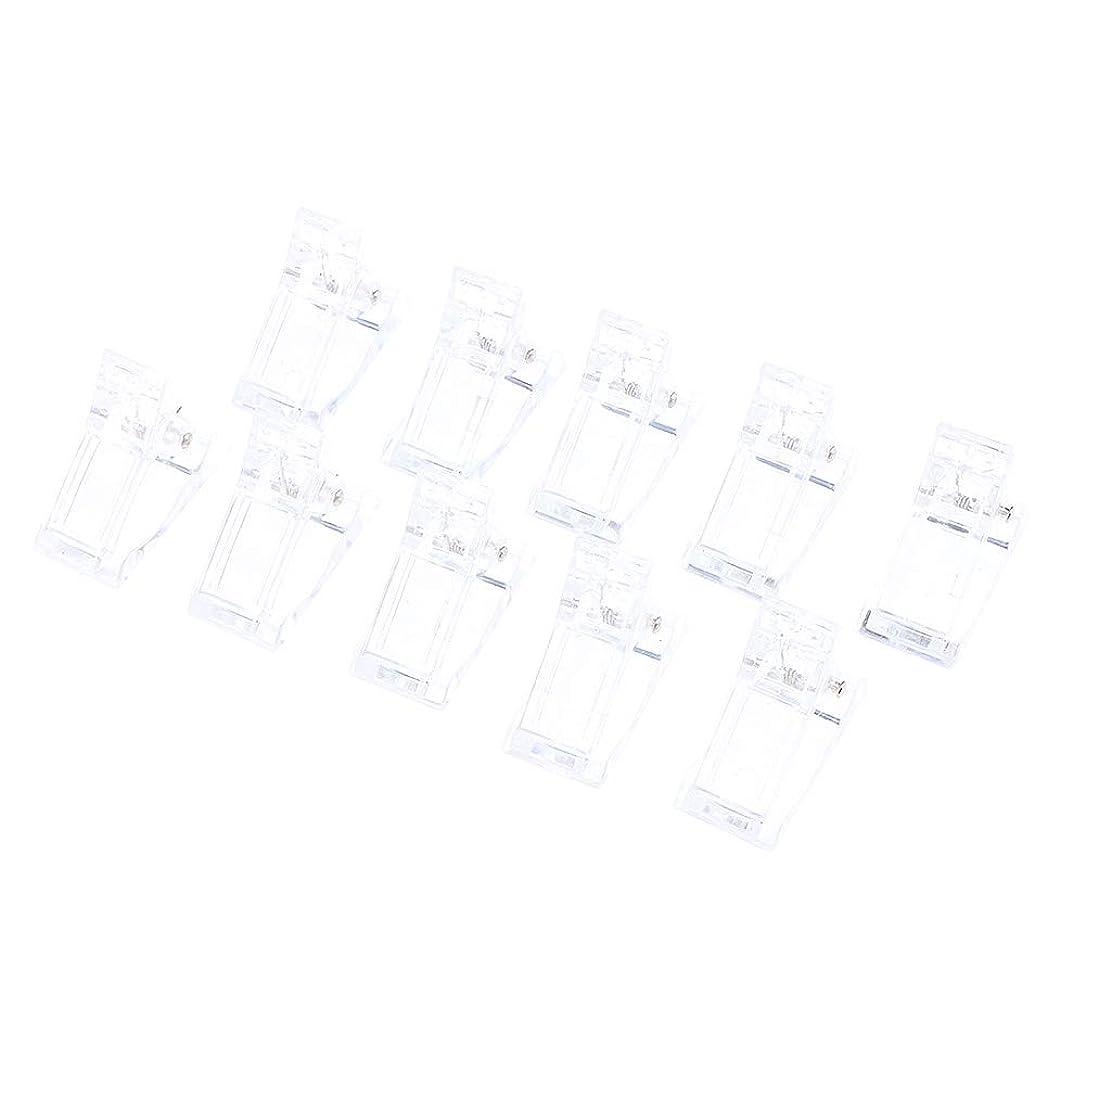 いつマットれるSharplace 10個 ネイルチップクリップ プラスチック モールド フィンガークリップ 再使用可